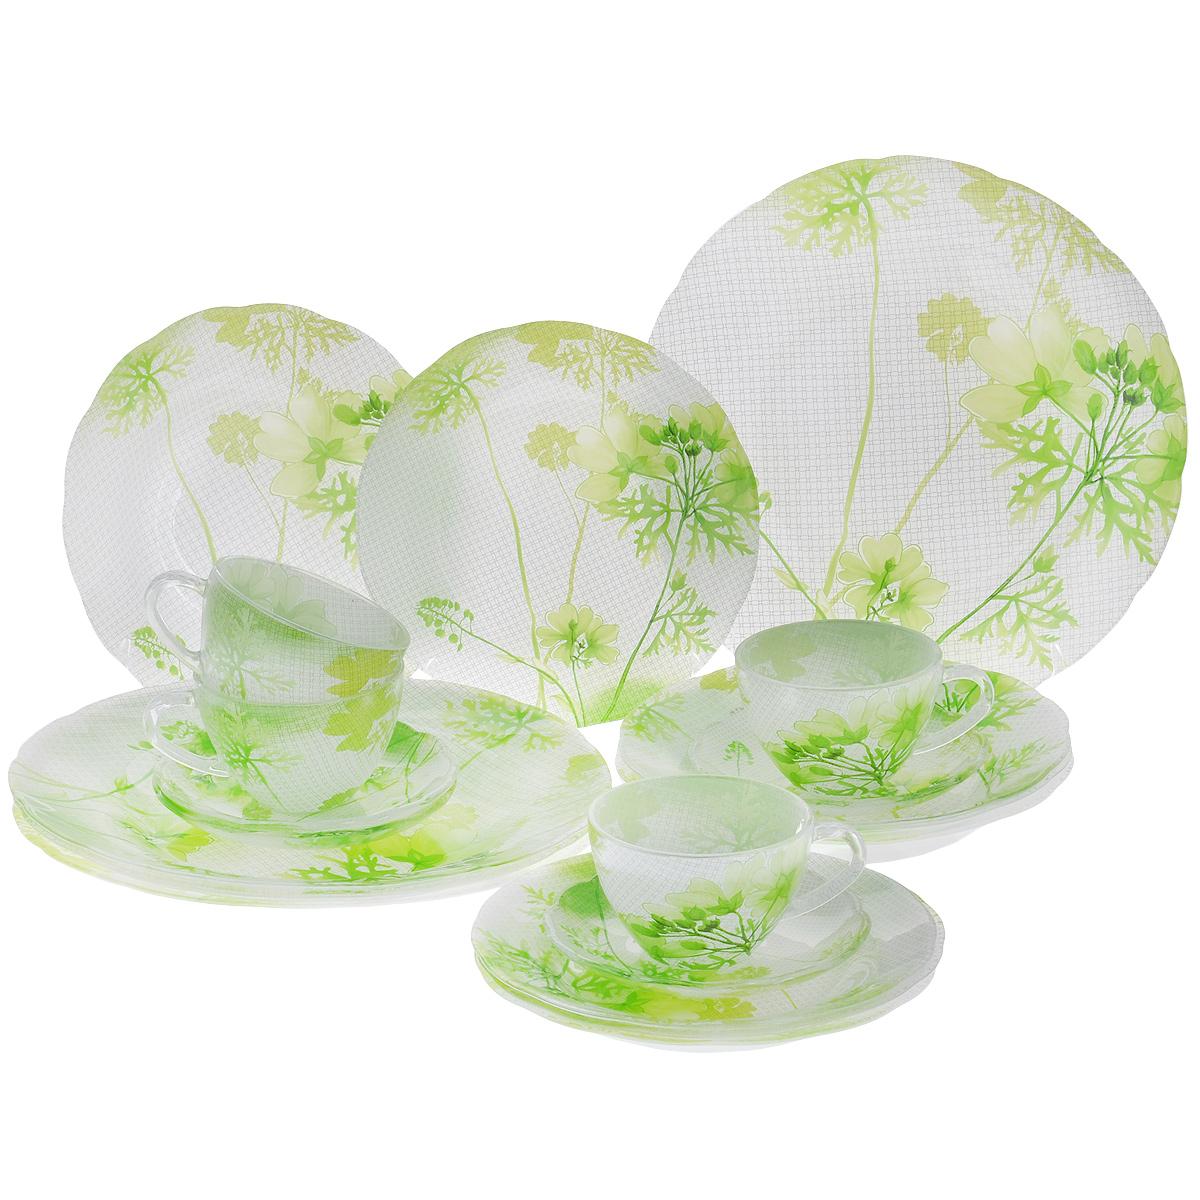 Набор посуды Яркие цветы, 20 предметов115510Набор посуды состоит из 4 чашек, 4 блюдец, 4 тарелок для супа, 4 обеденных тарелок, 4 десертных тарелок. Изделия выполнены из высококачественного стекла и оформлены изображением цветов. Этот набор эффектно украсит стол к обеду, а также прекрасно подойдет для торжественных случаев. Красочность оформления придется по вкусу и ценителям классики, и тем, кто предпочитает утонченность и изящность.